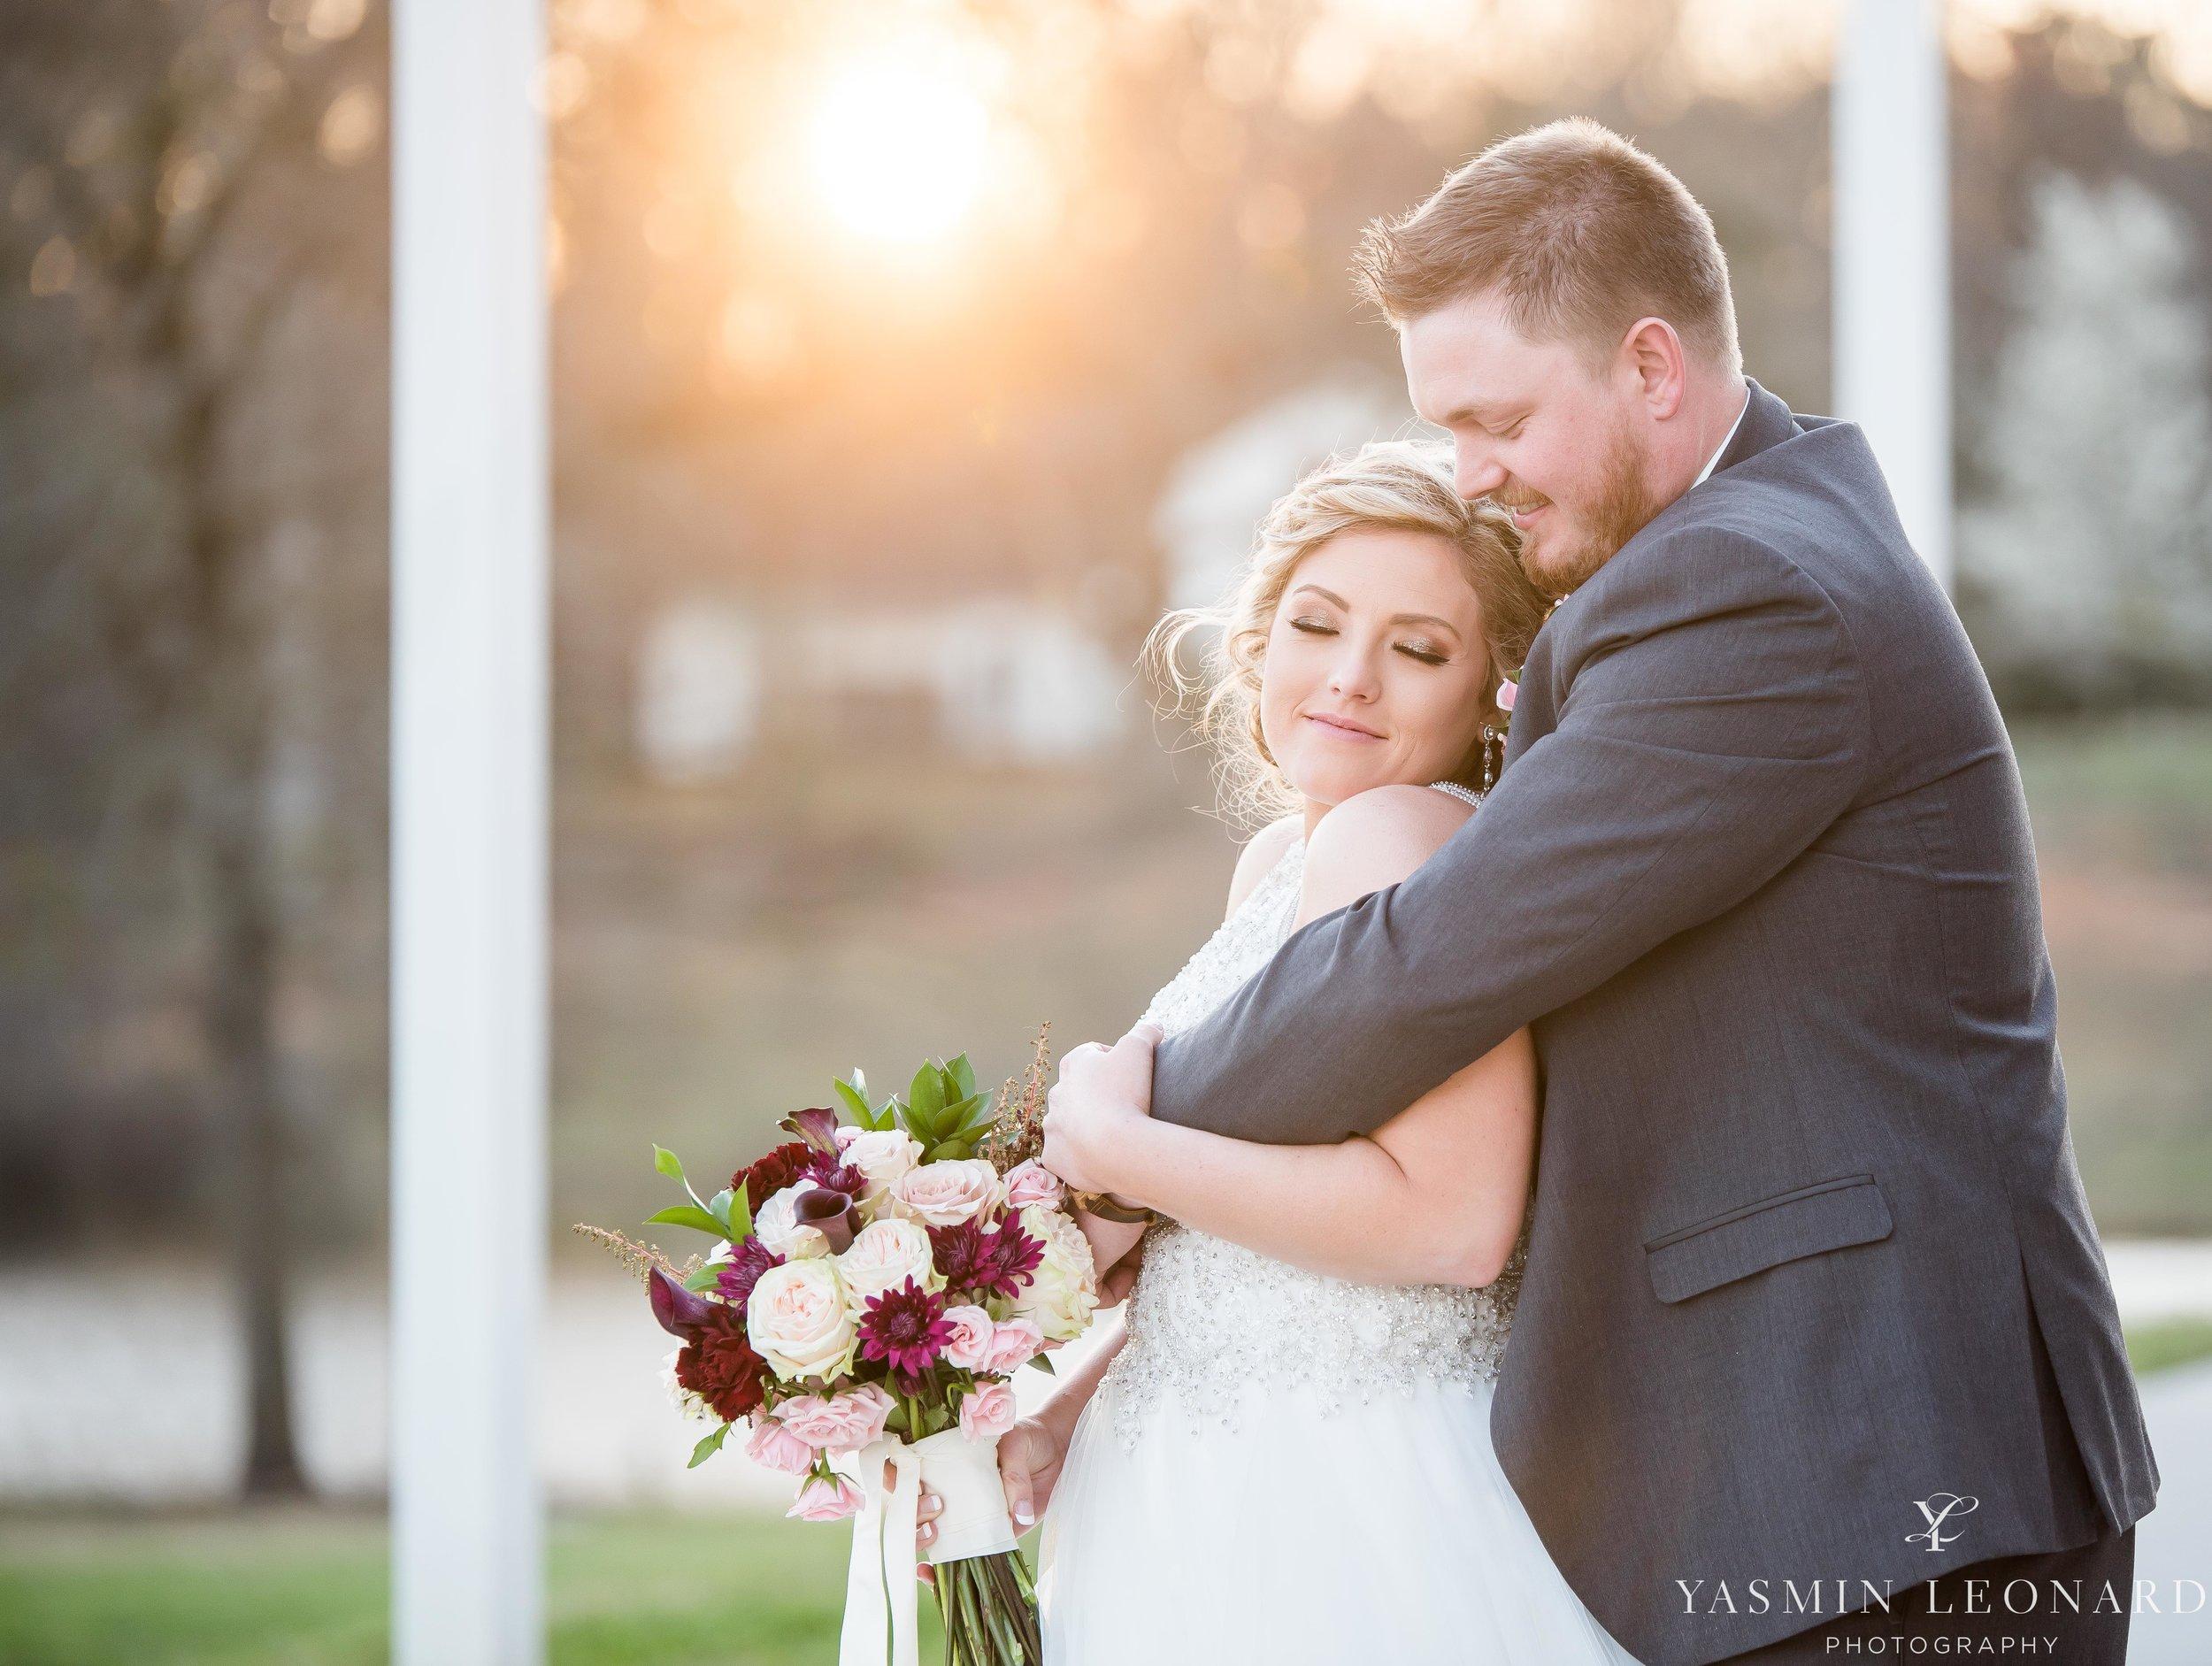 Millikan Farms - Millikan Farms Wedding - Sophia NC Wedding - NC Wedding - NC Wedding Photographer - Yasmin Leonard Photography - High Point Photographer - Barn Wedding - Wedding Venues in NC - Triad Wedding Photographer-60.jpg